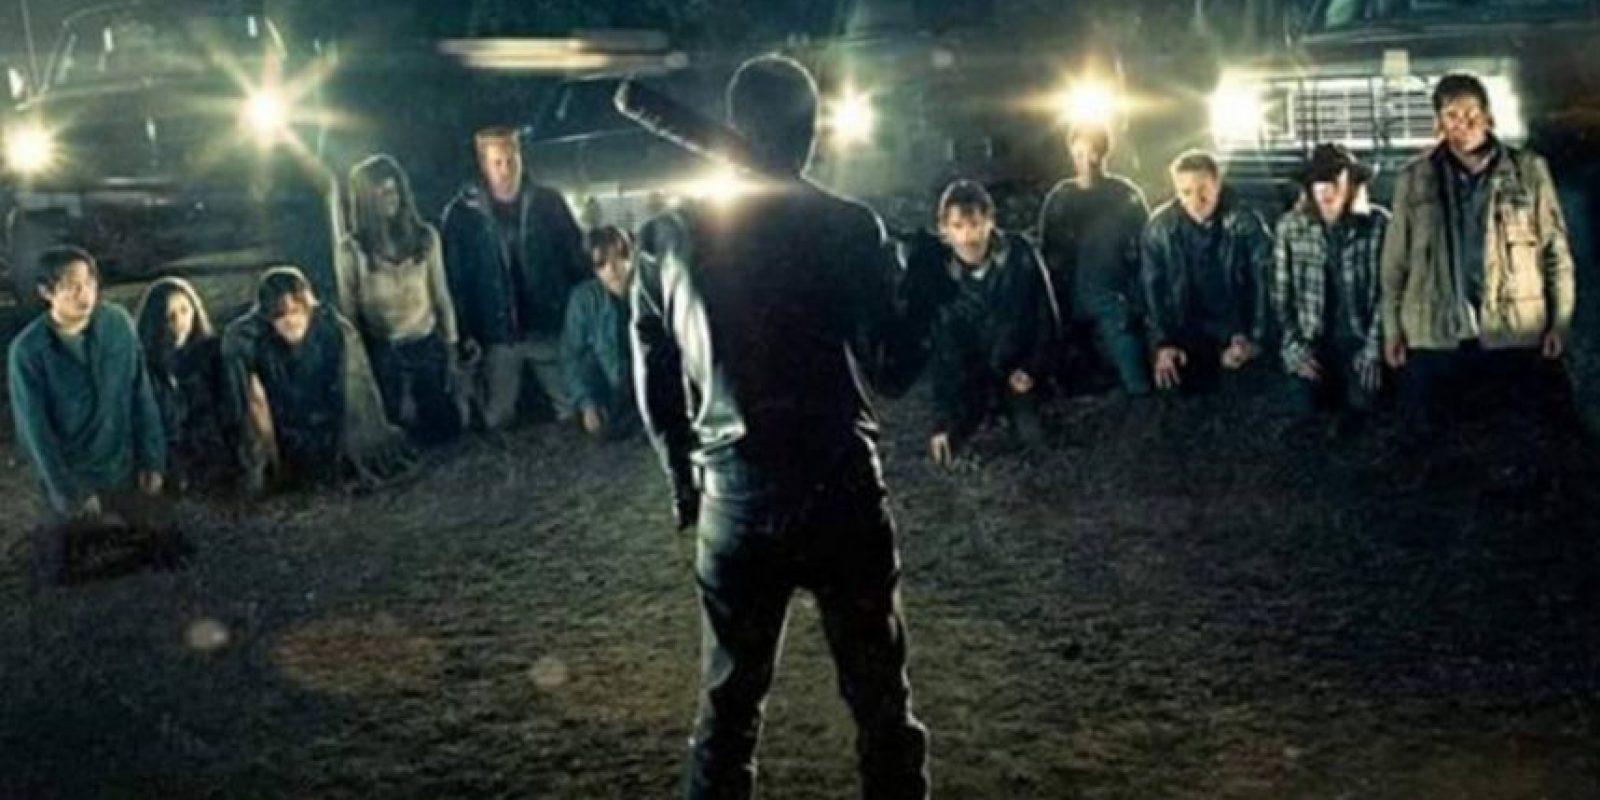 Todo indica que el primer episodio de esta nueva temporada estará lleno de emociones fuertes, pues no sólo se espera la muerte de un personaje. Foto:Walking Dead